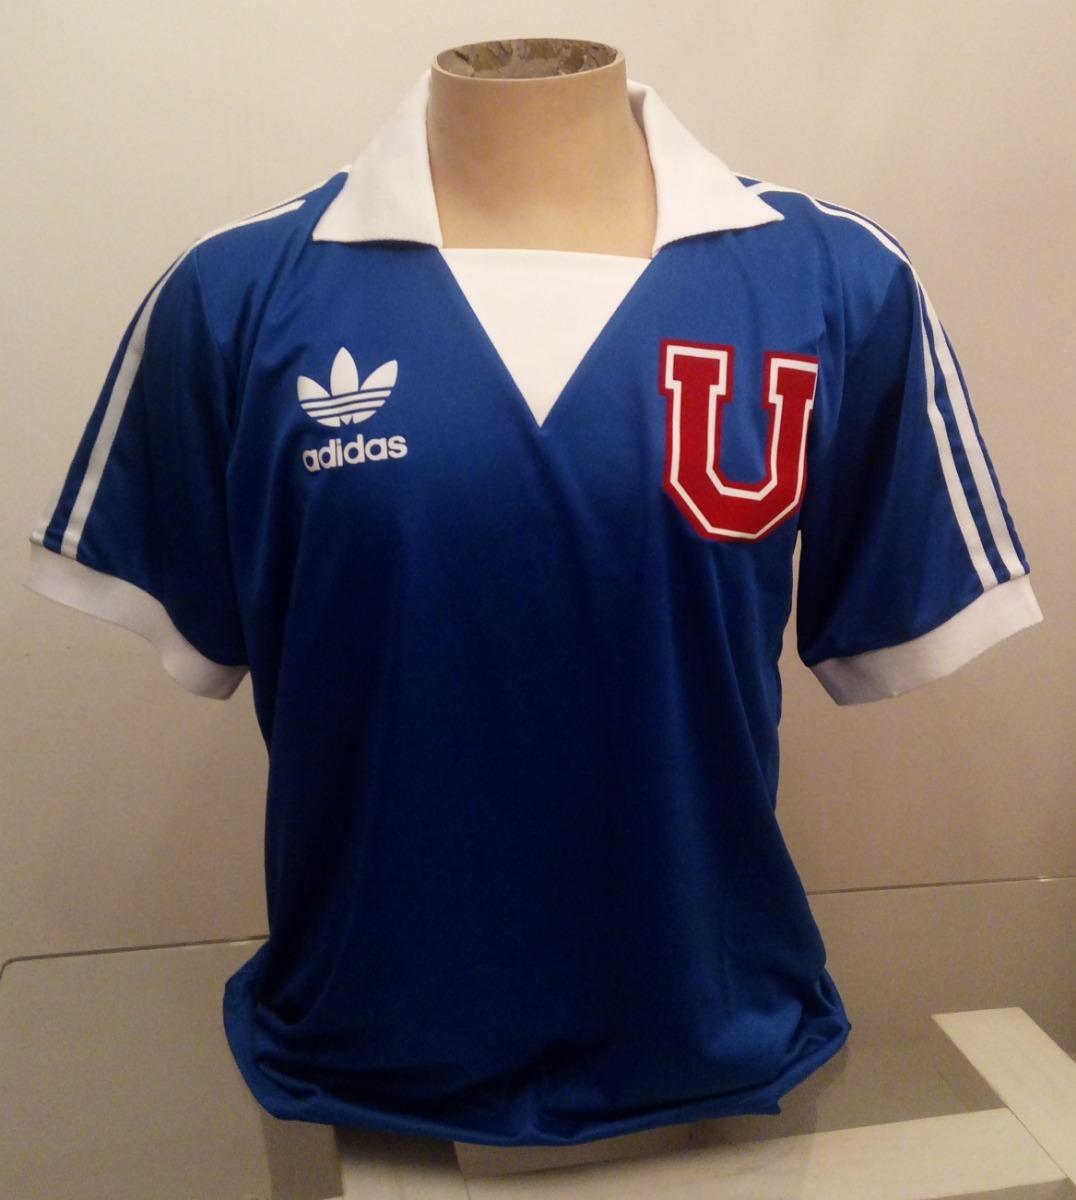 camiseta u de chile conmemorativa 1989 nueva! envío gratis! Cargando zoom. f7da10fd7d313